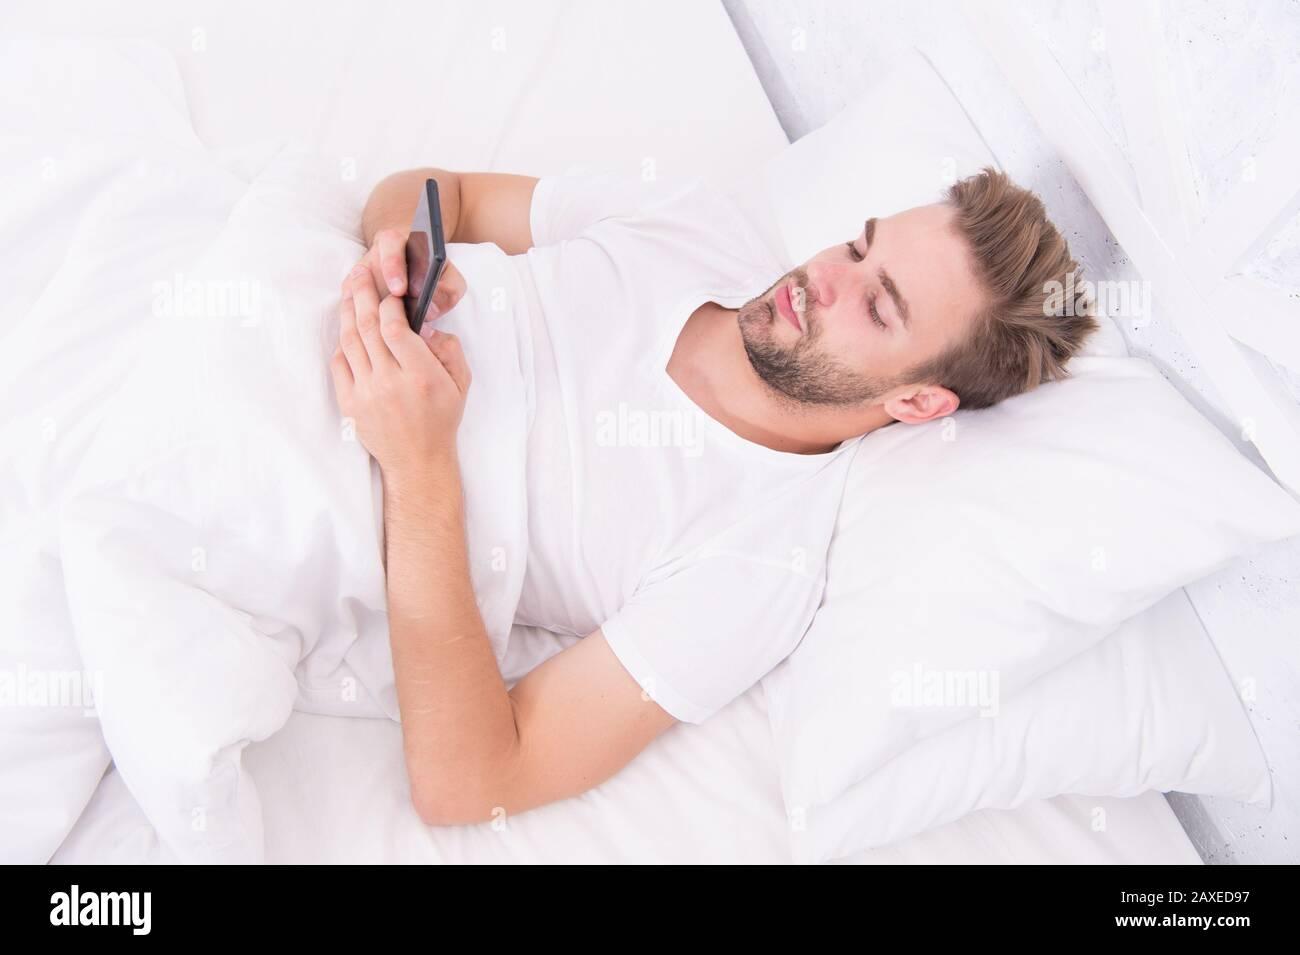 A Dormire Estivill aiuto per dormire immagini & aiuto per dormire fotos stock